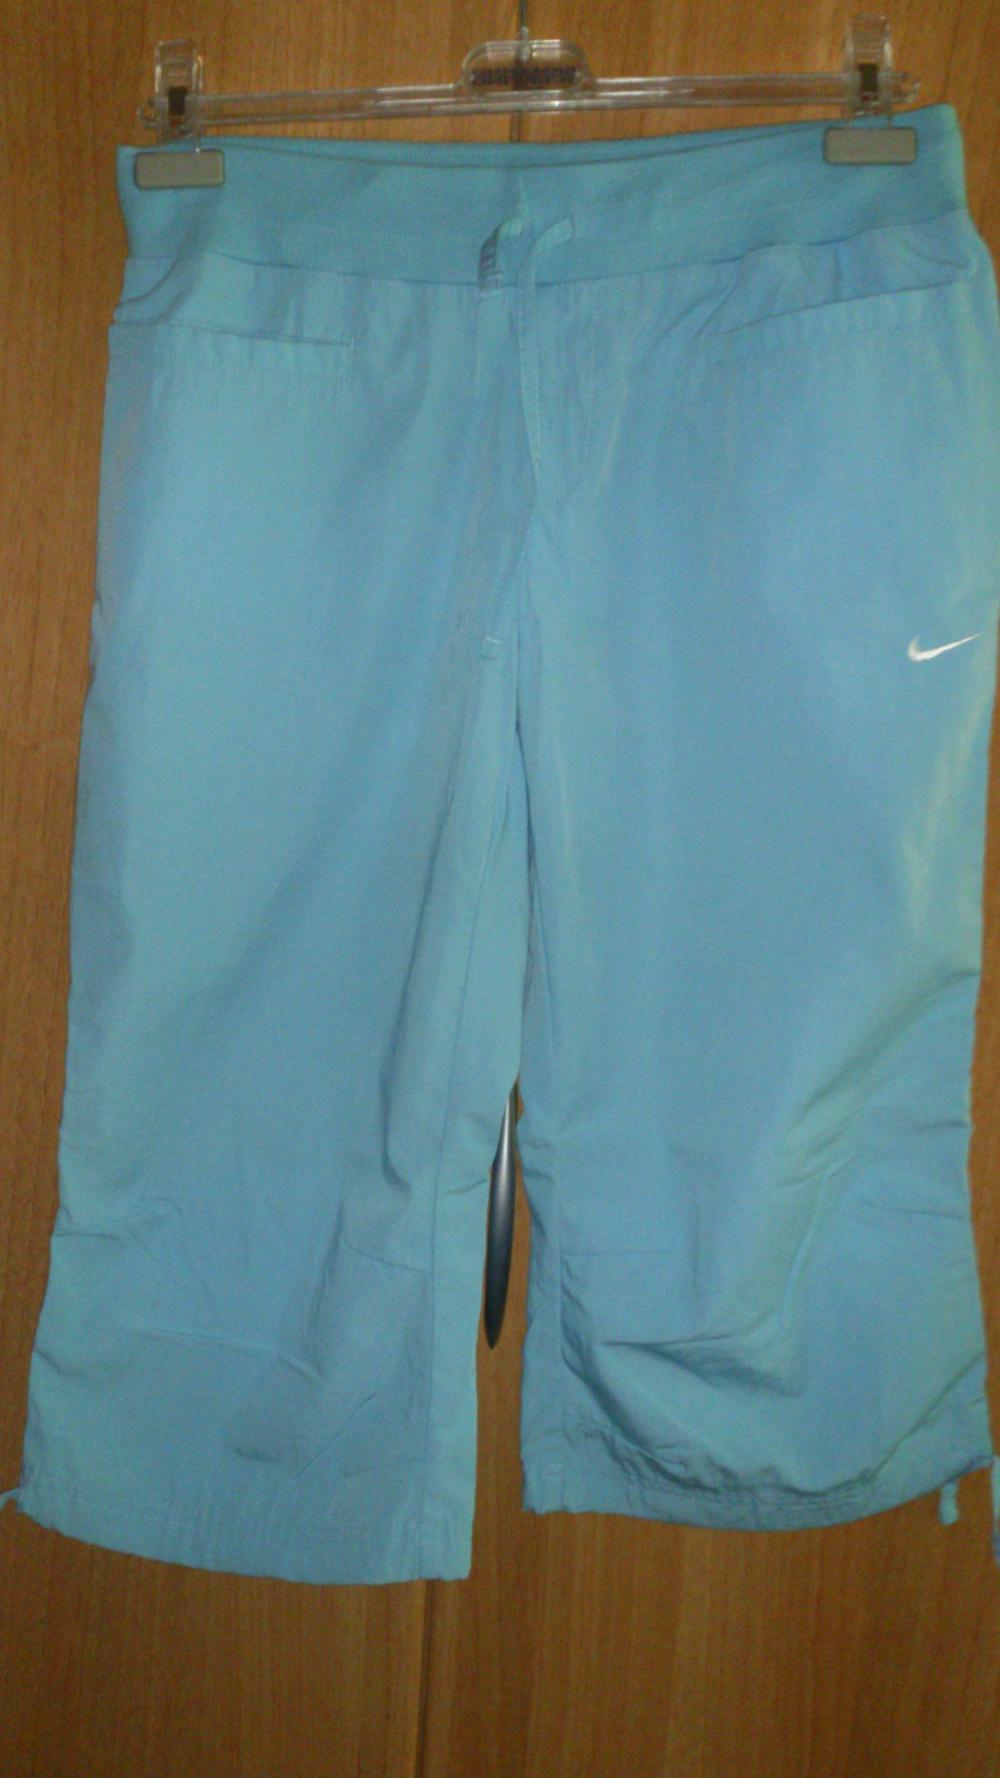 Брюки = бриджи 3/4 Nike, размер 38-40 (нем) = 44-46 (рос), оригинал